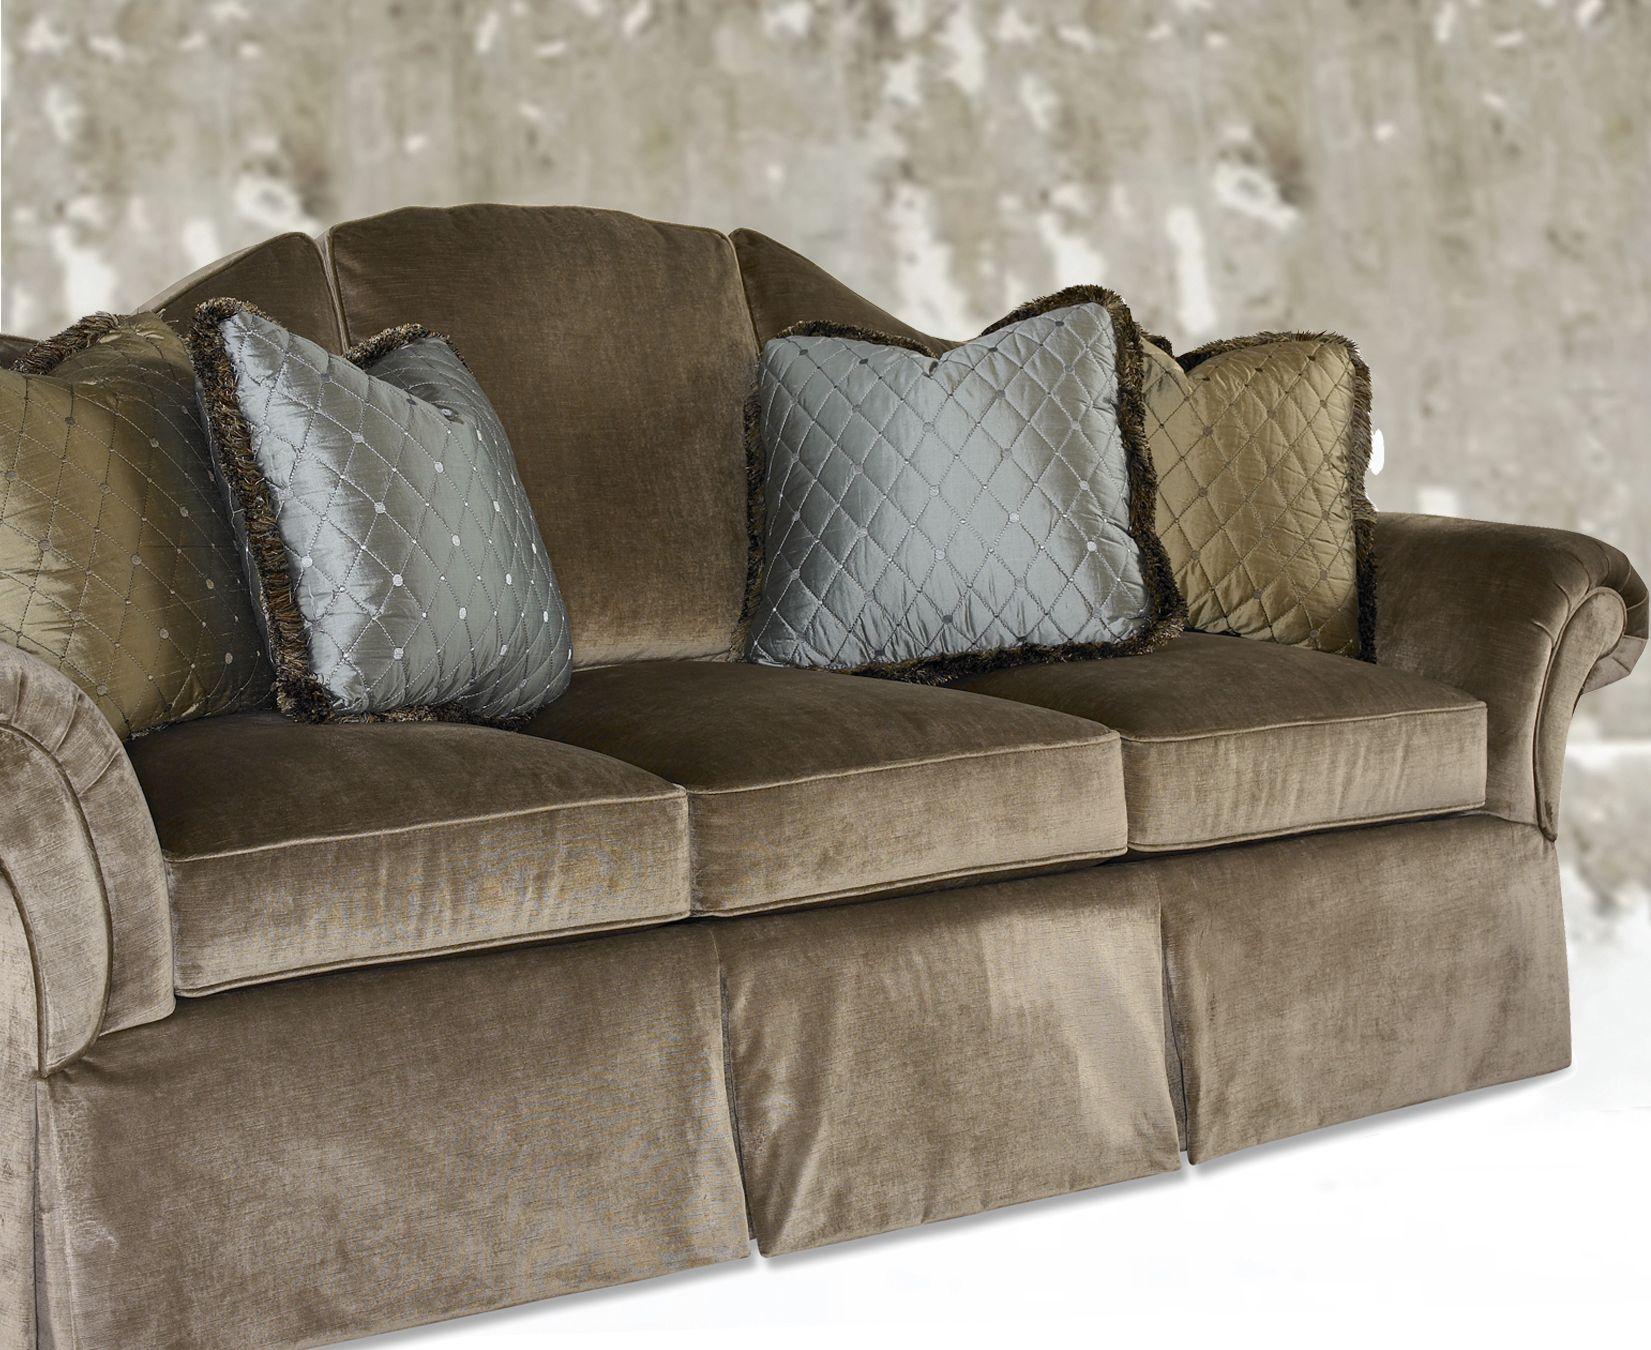 Diana Sofa by Alden Parkes